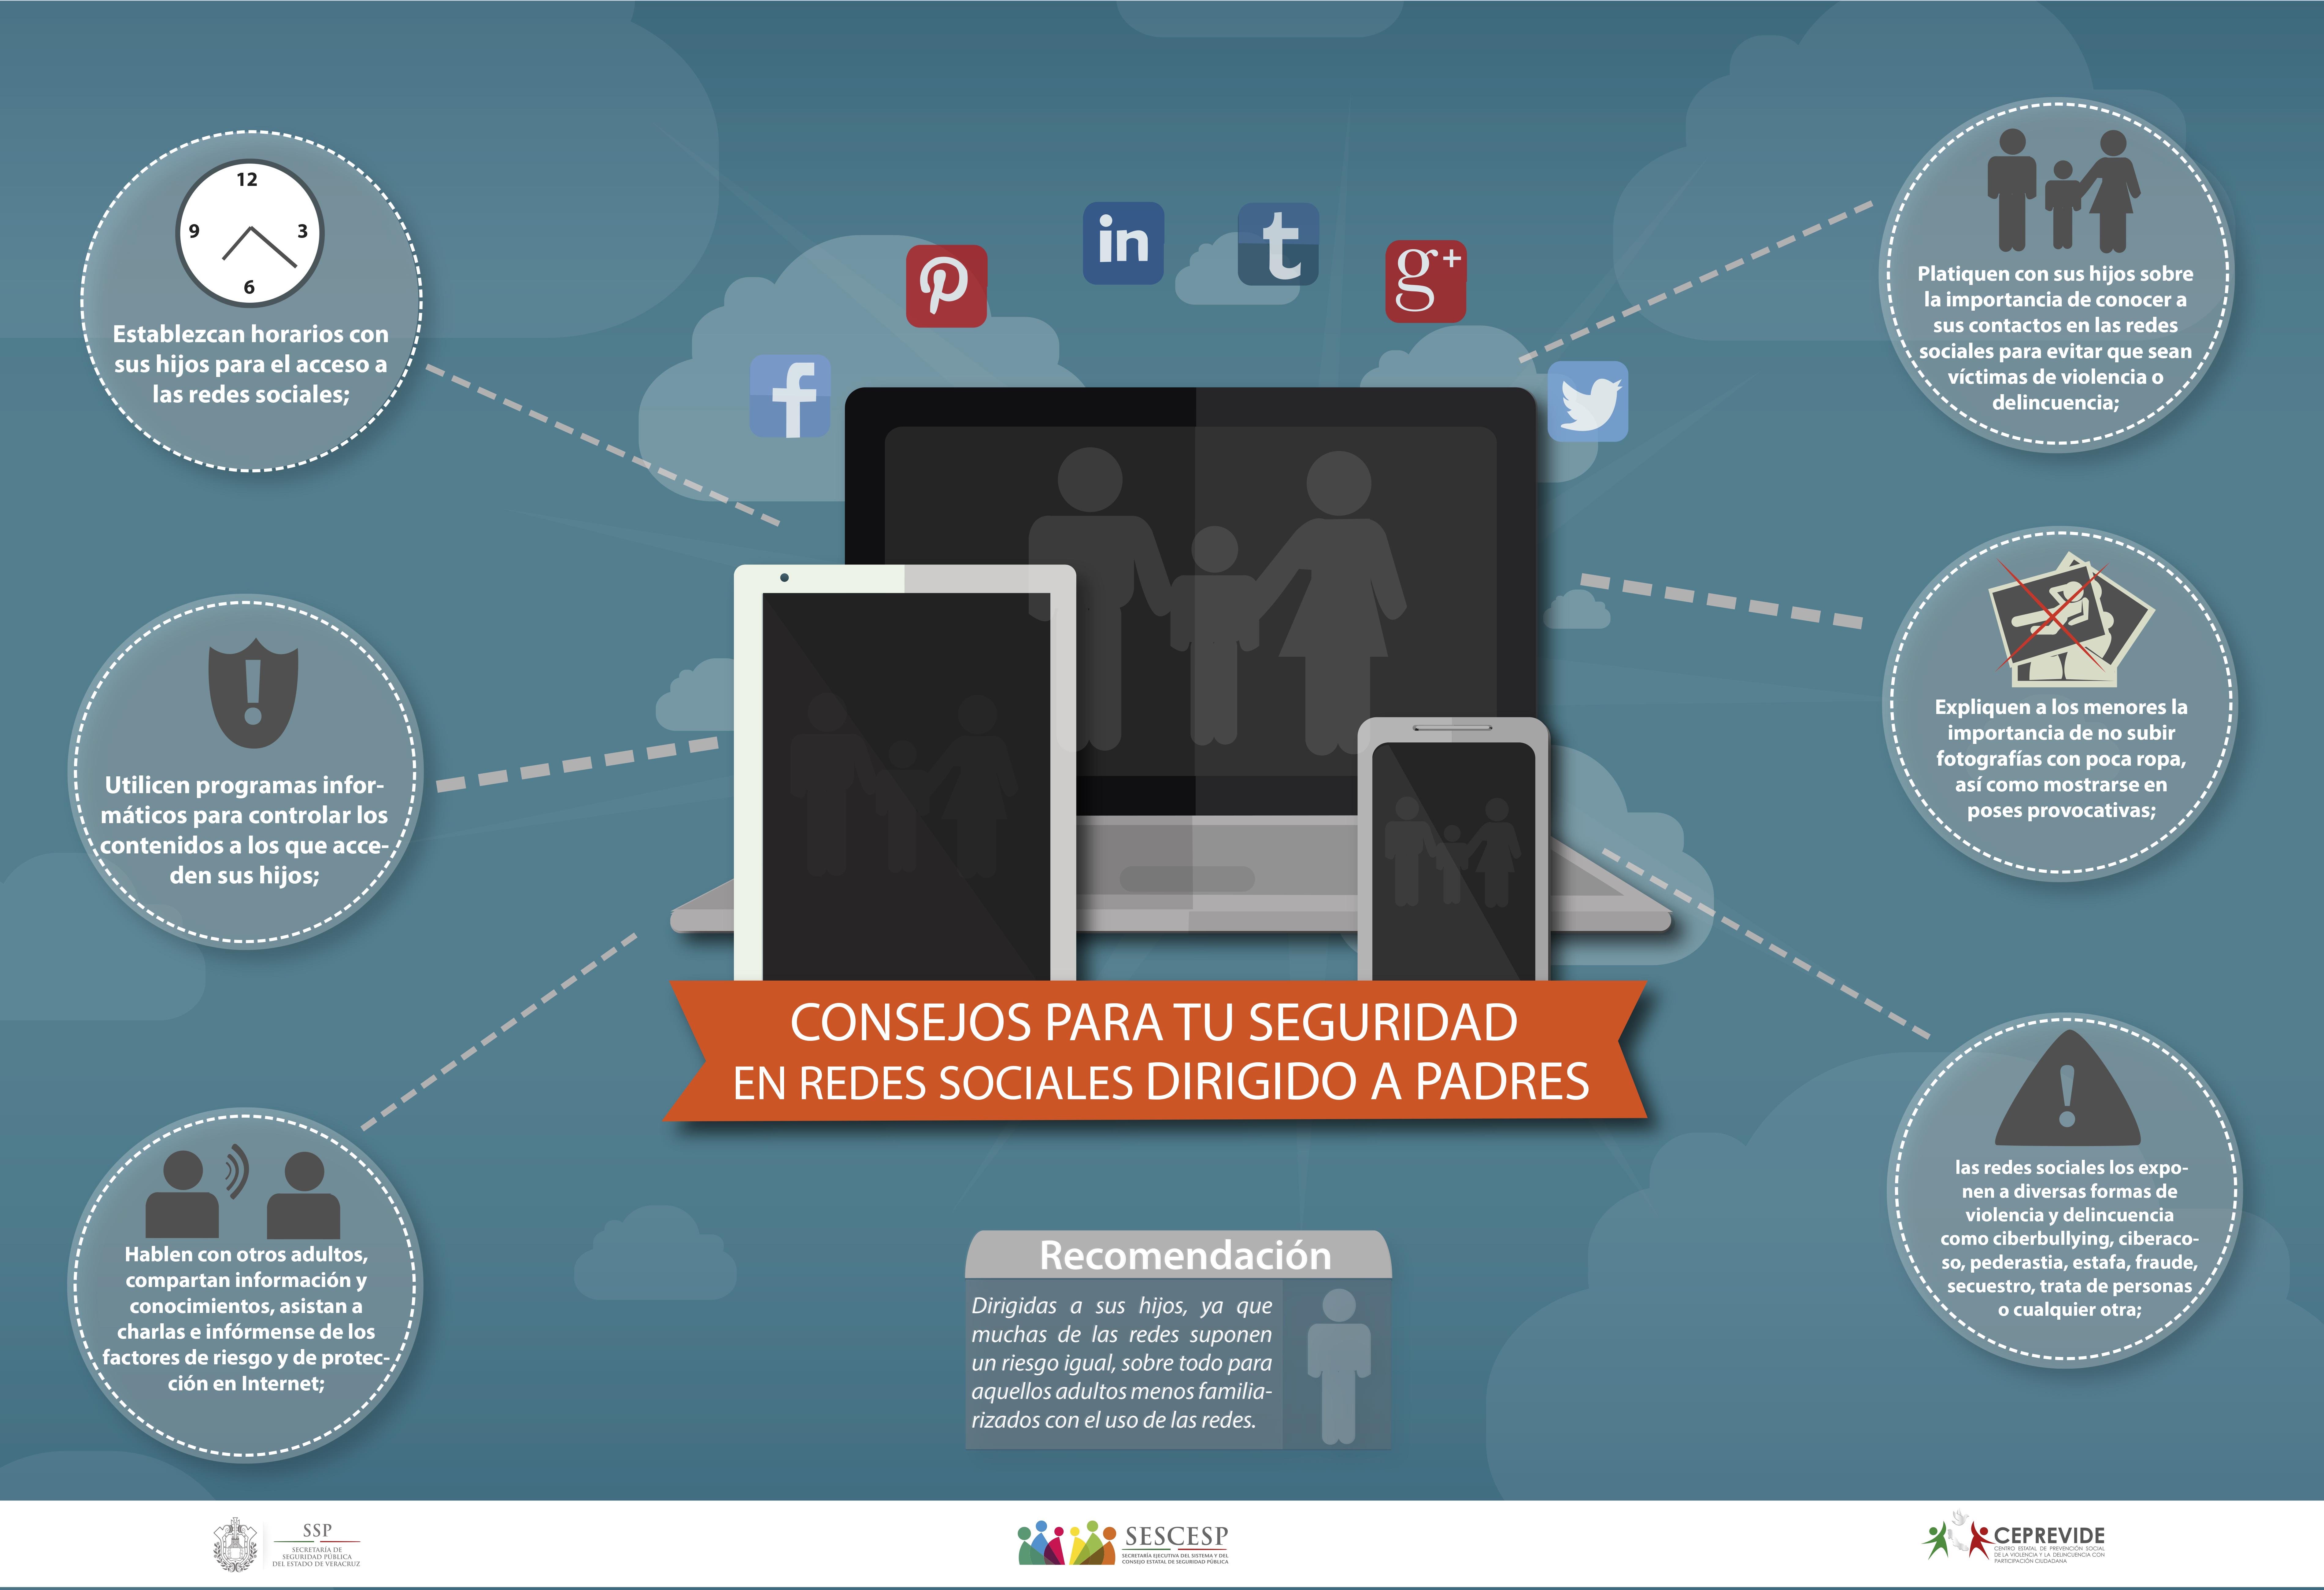 consejos para seguridad a redes sociales dirigido a padres